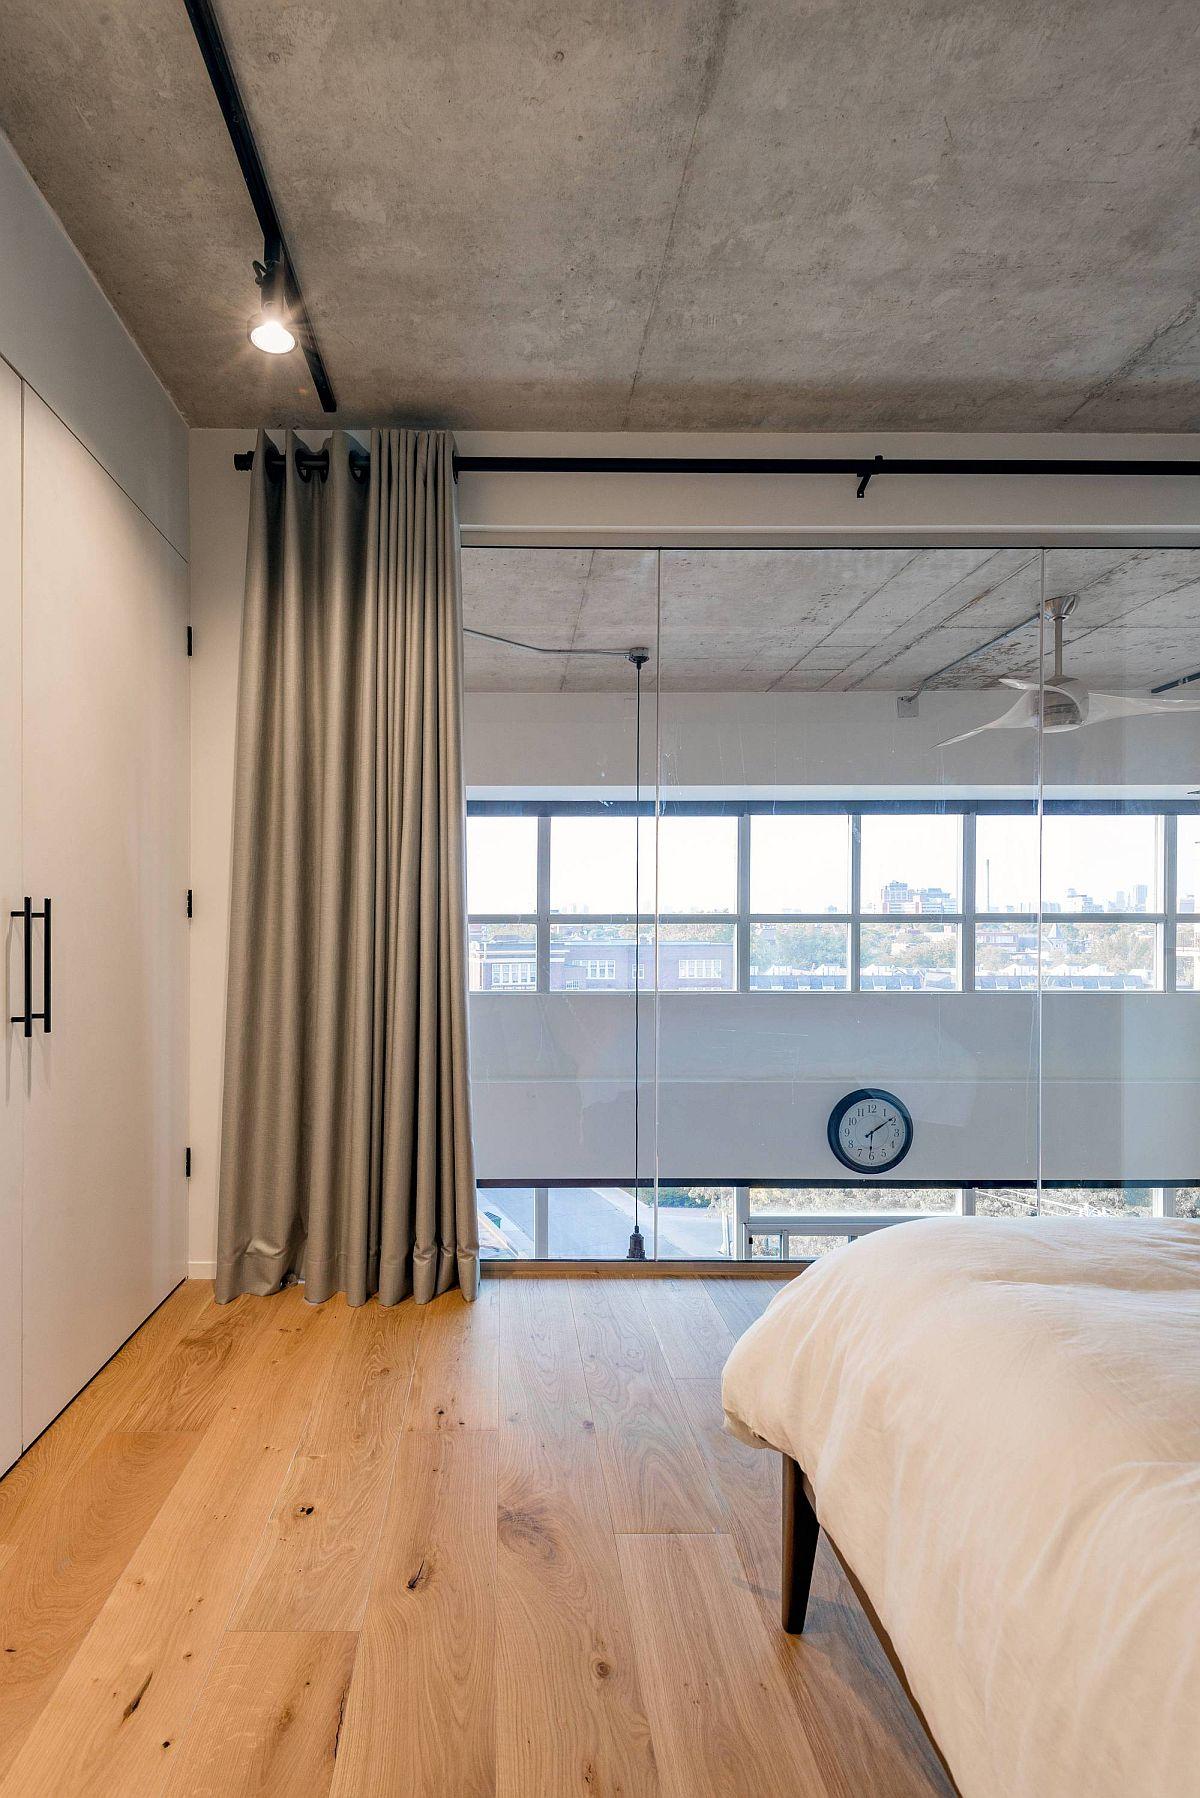 Chambre moderne avec parquet, plafond en béton et rideaux gris